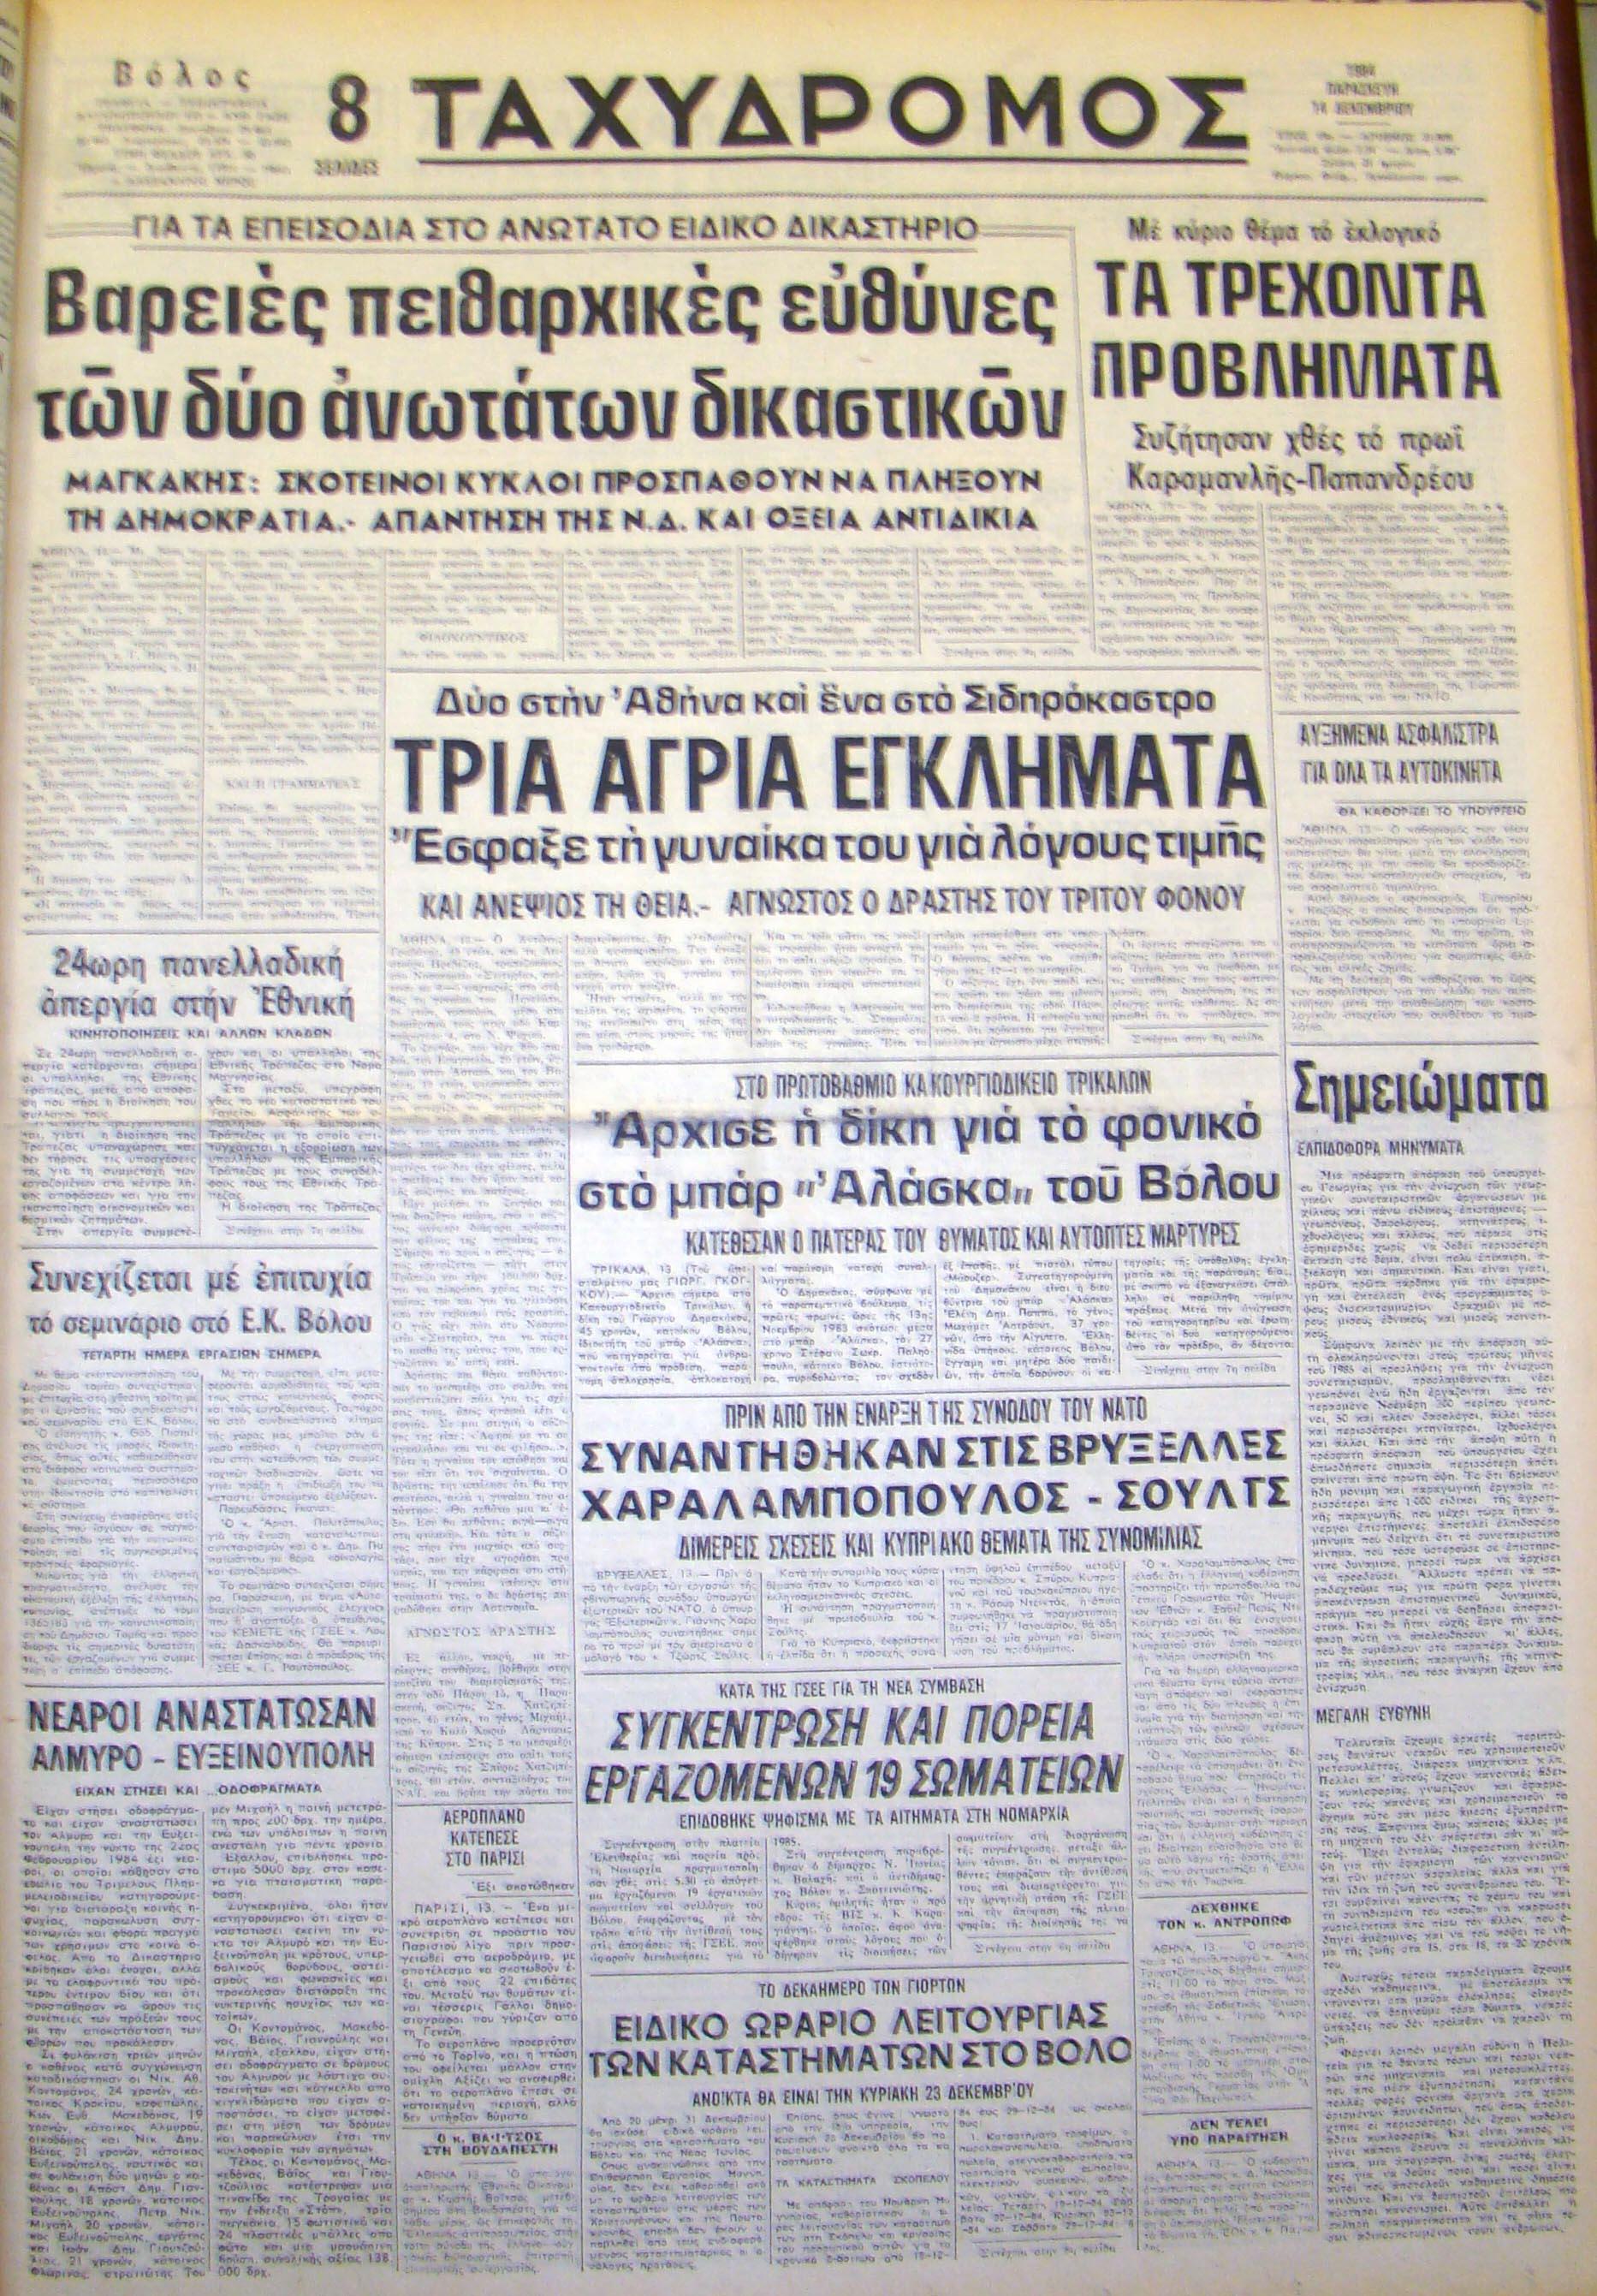 14 Δεκεμβρίου 1984